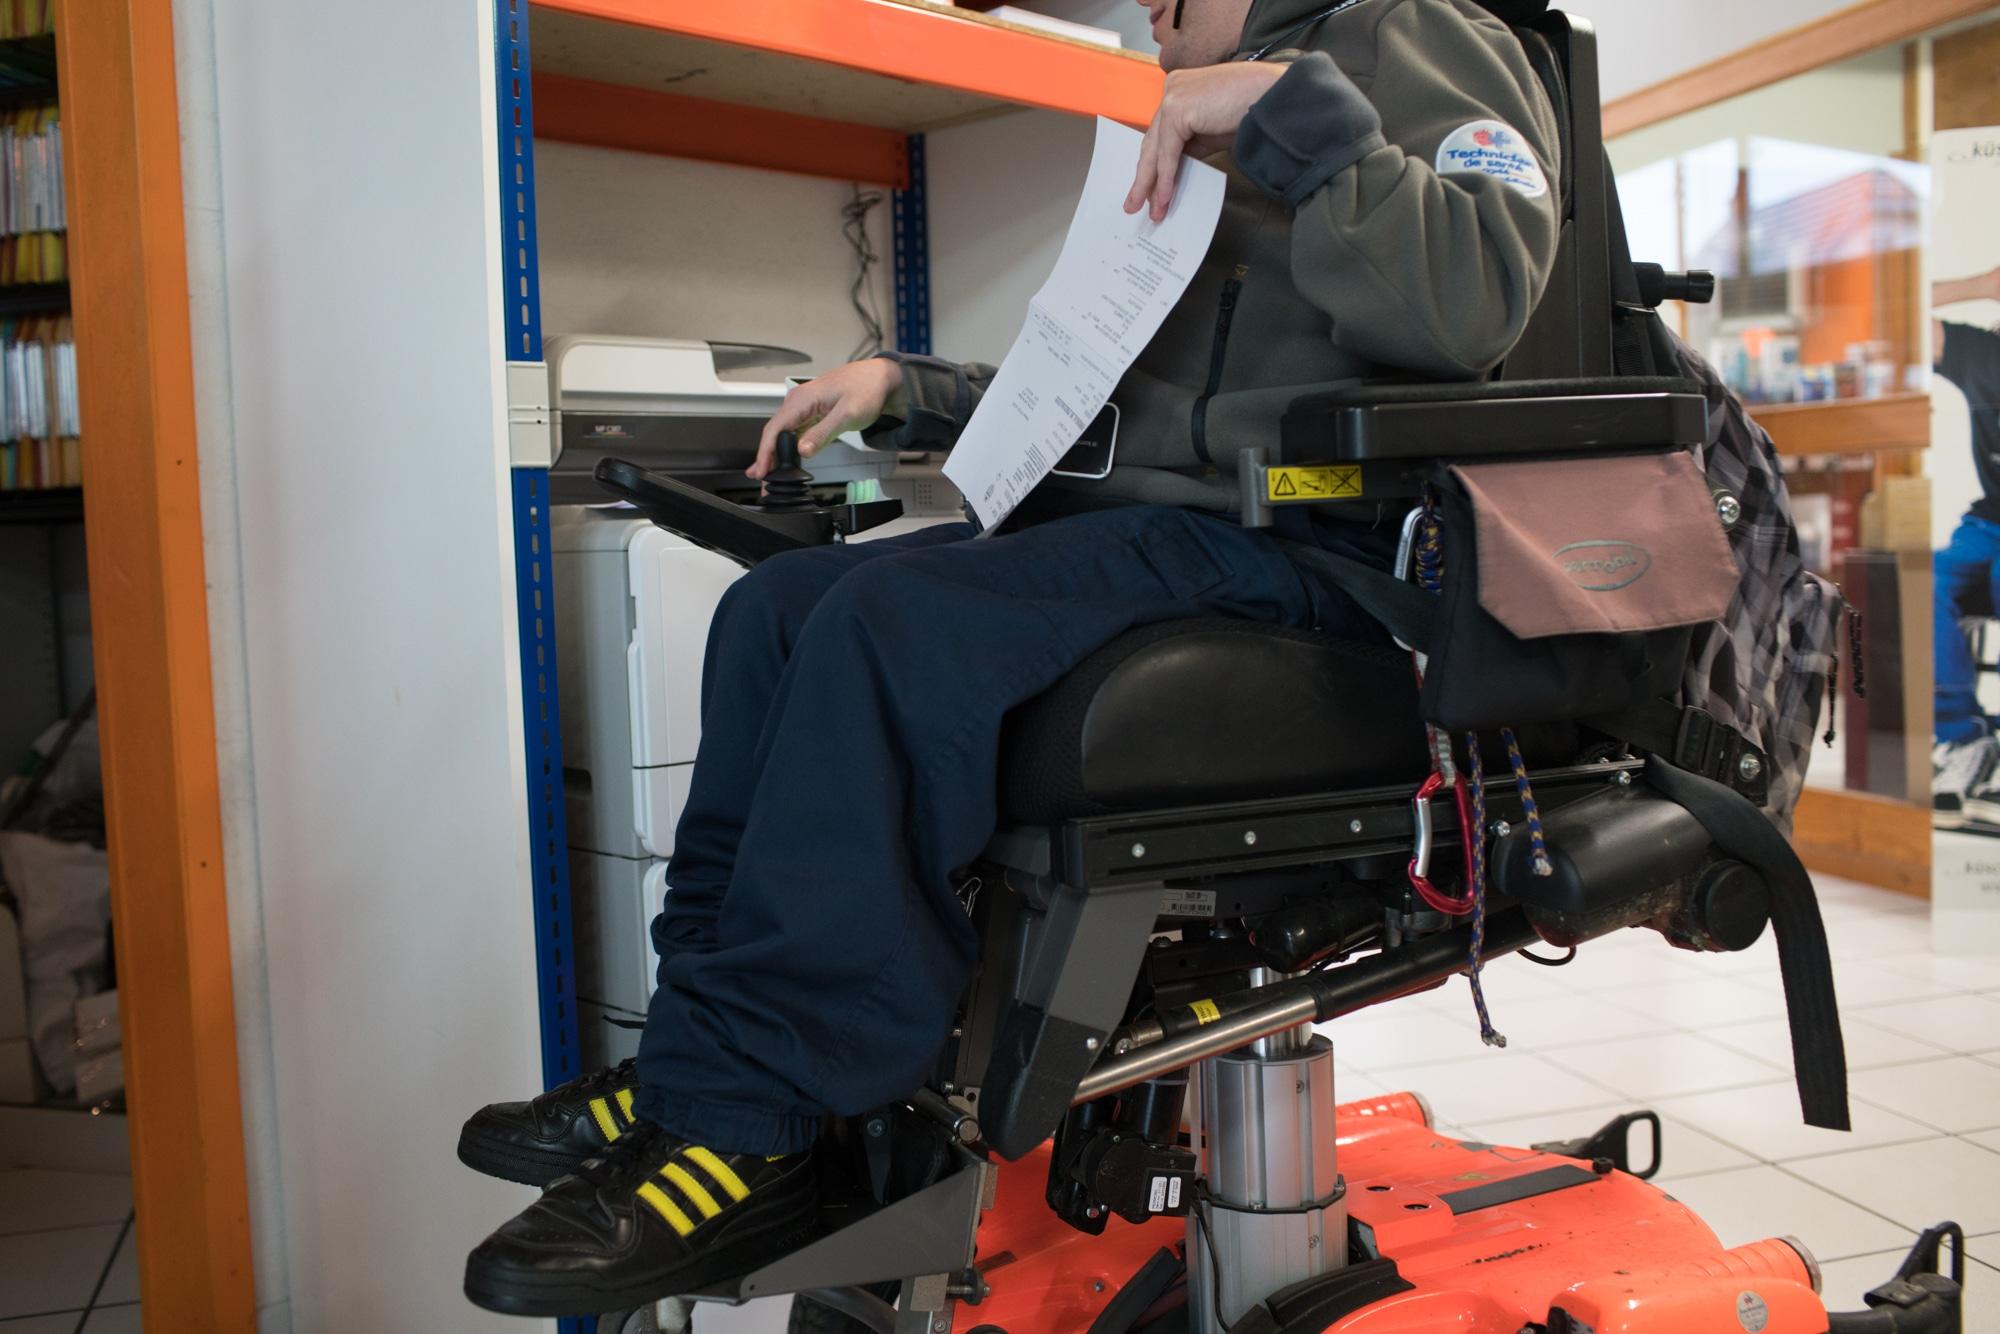 Edouard actionne son fauteuil, qui s'élève à la verticale pour lui permettre d'accéder à une étagère